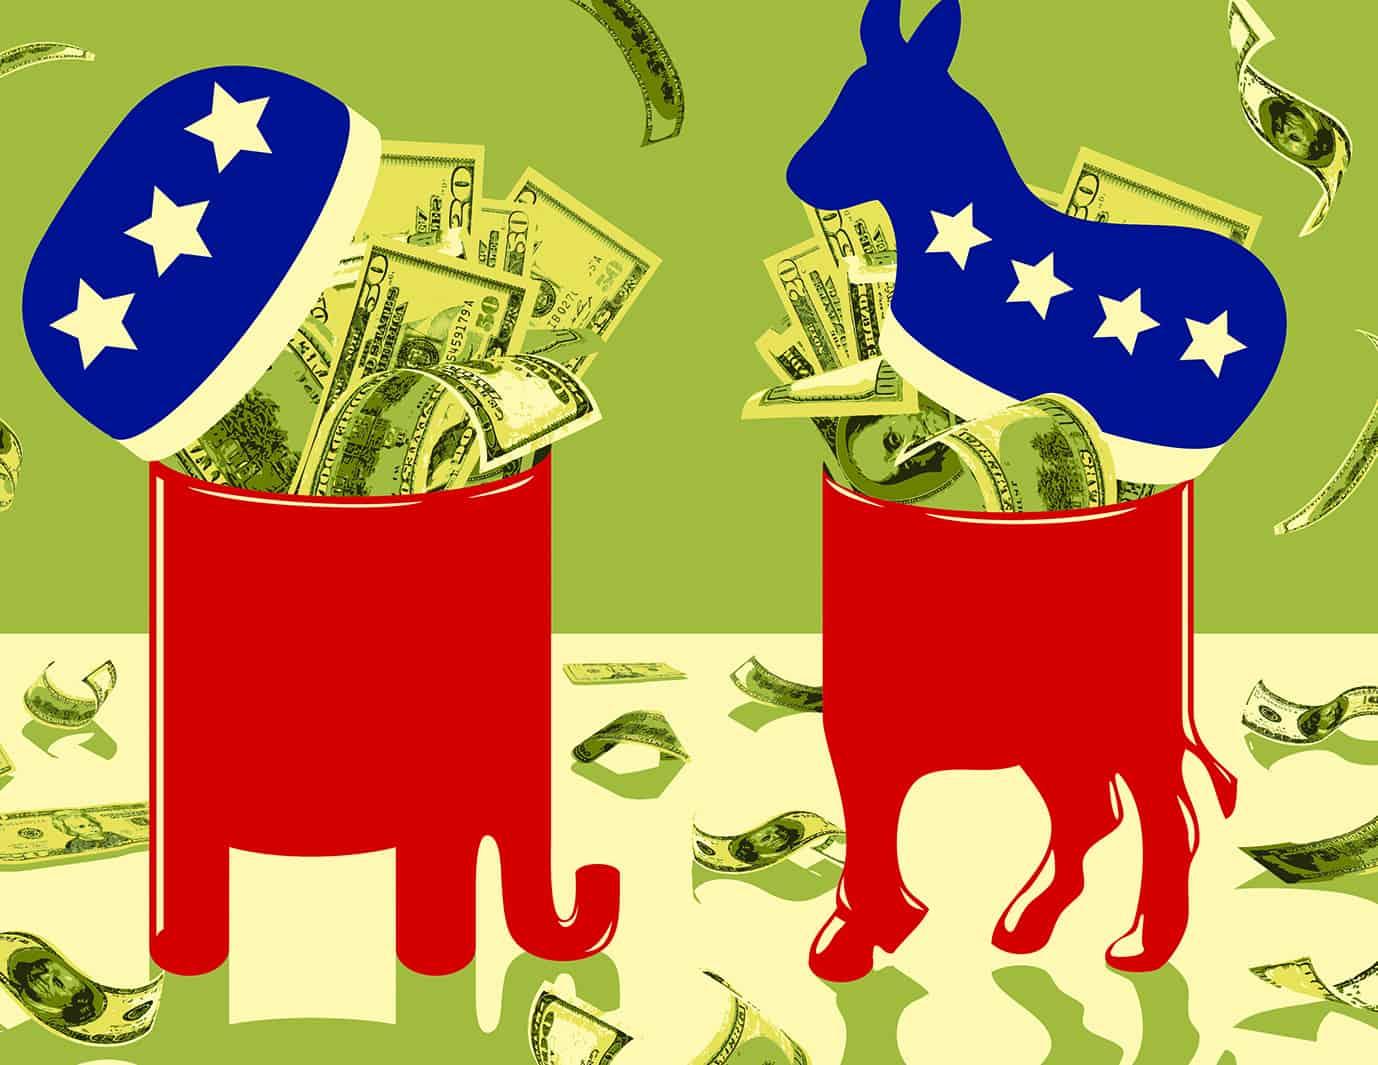 مال الشركات السياسي تحت المحاسبة